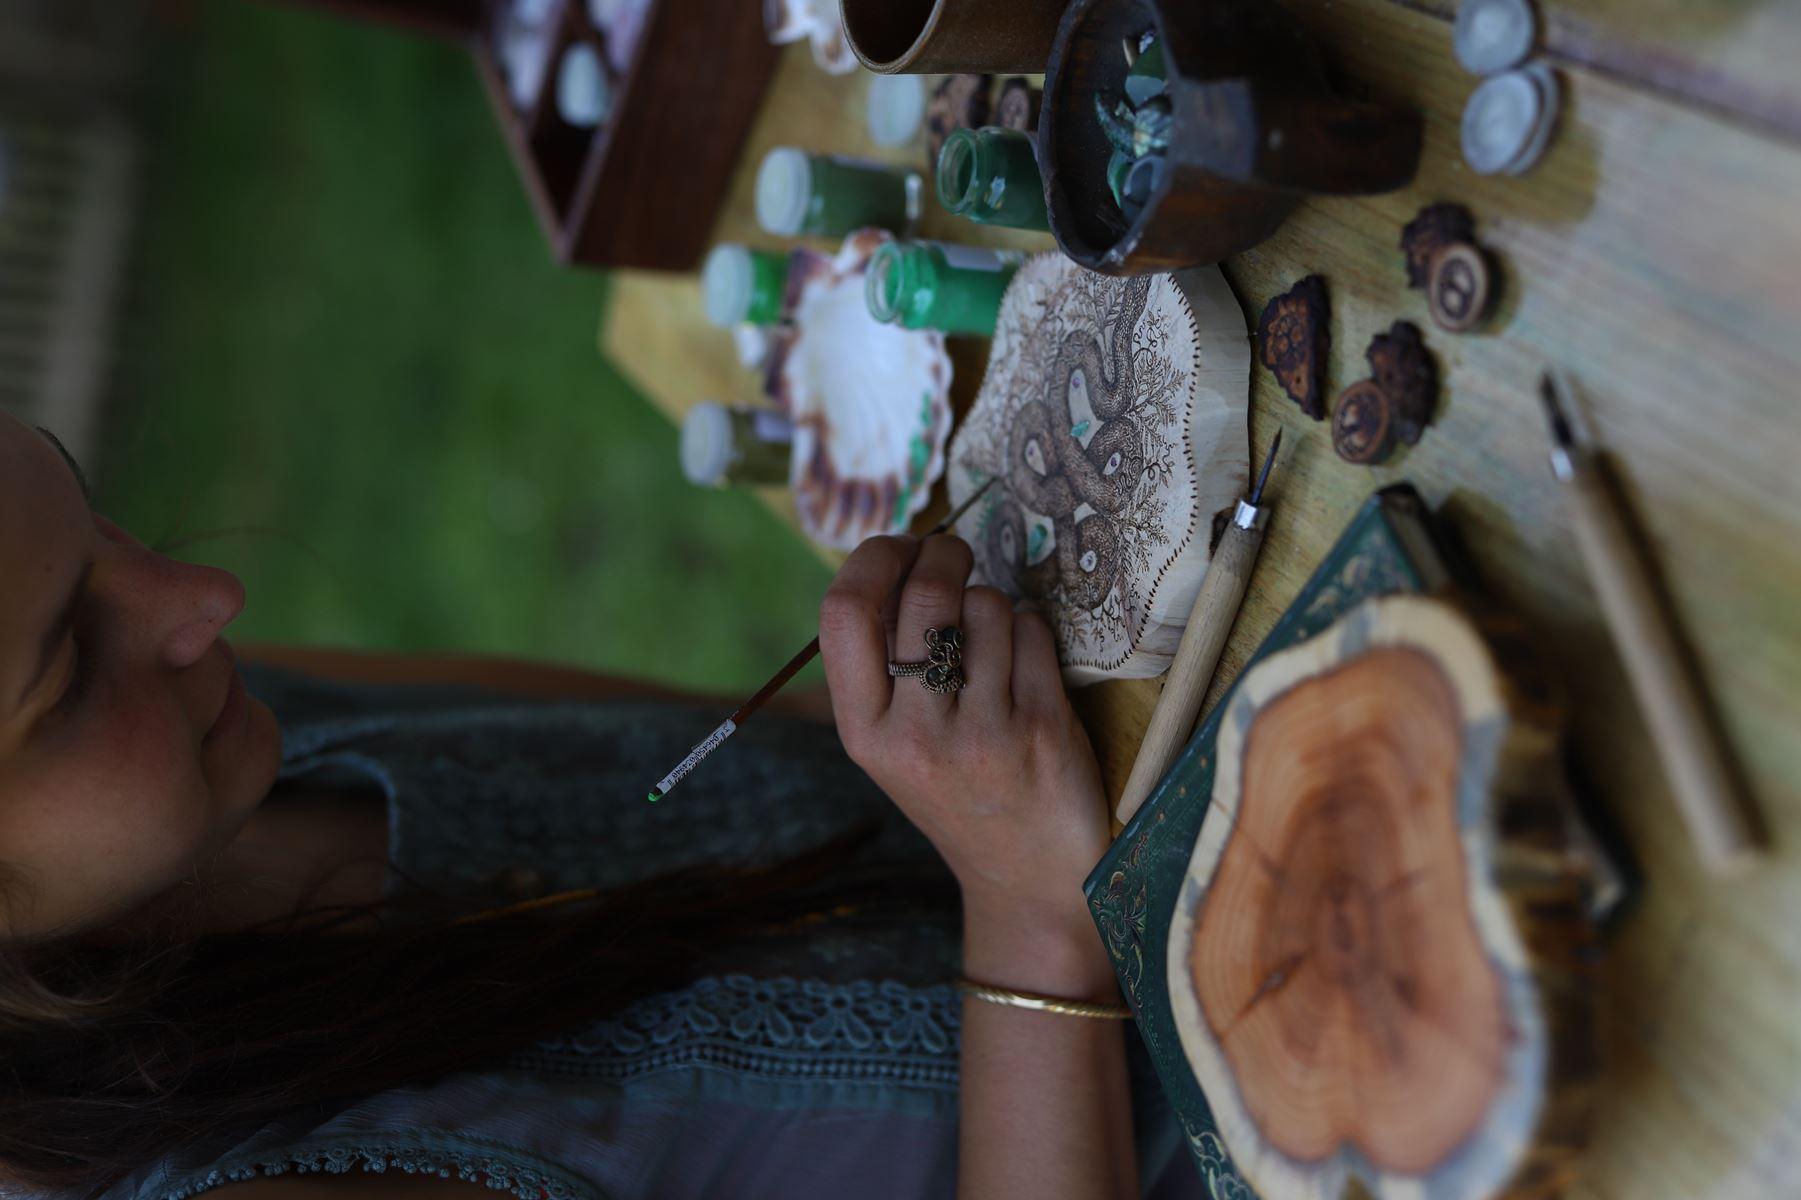 Atelier de la lettre aux ours - missive to bears, artisanat français, bois, création, décoration d'intérieur, écologique, normandie